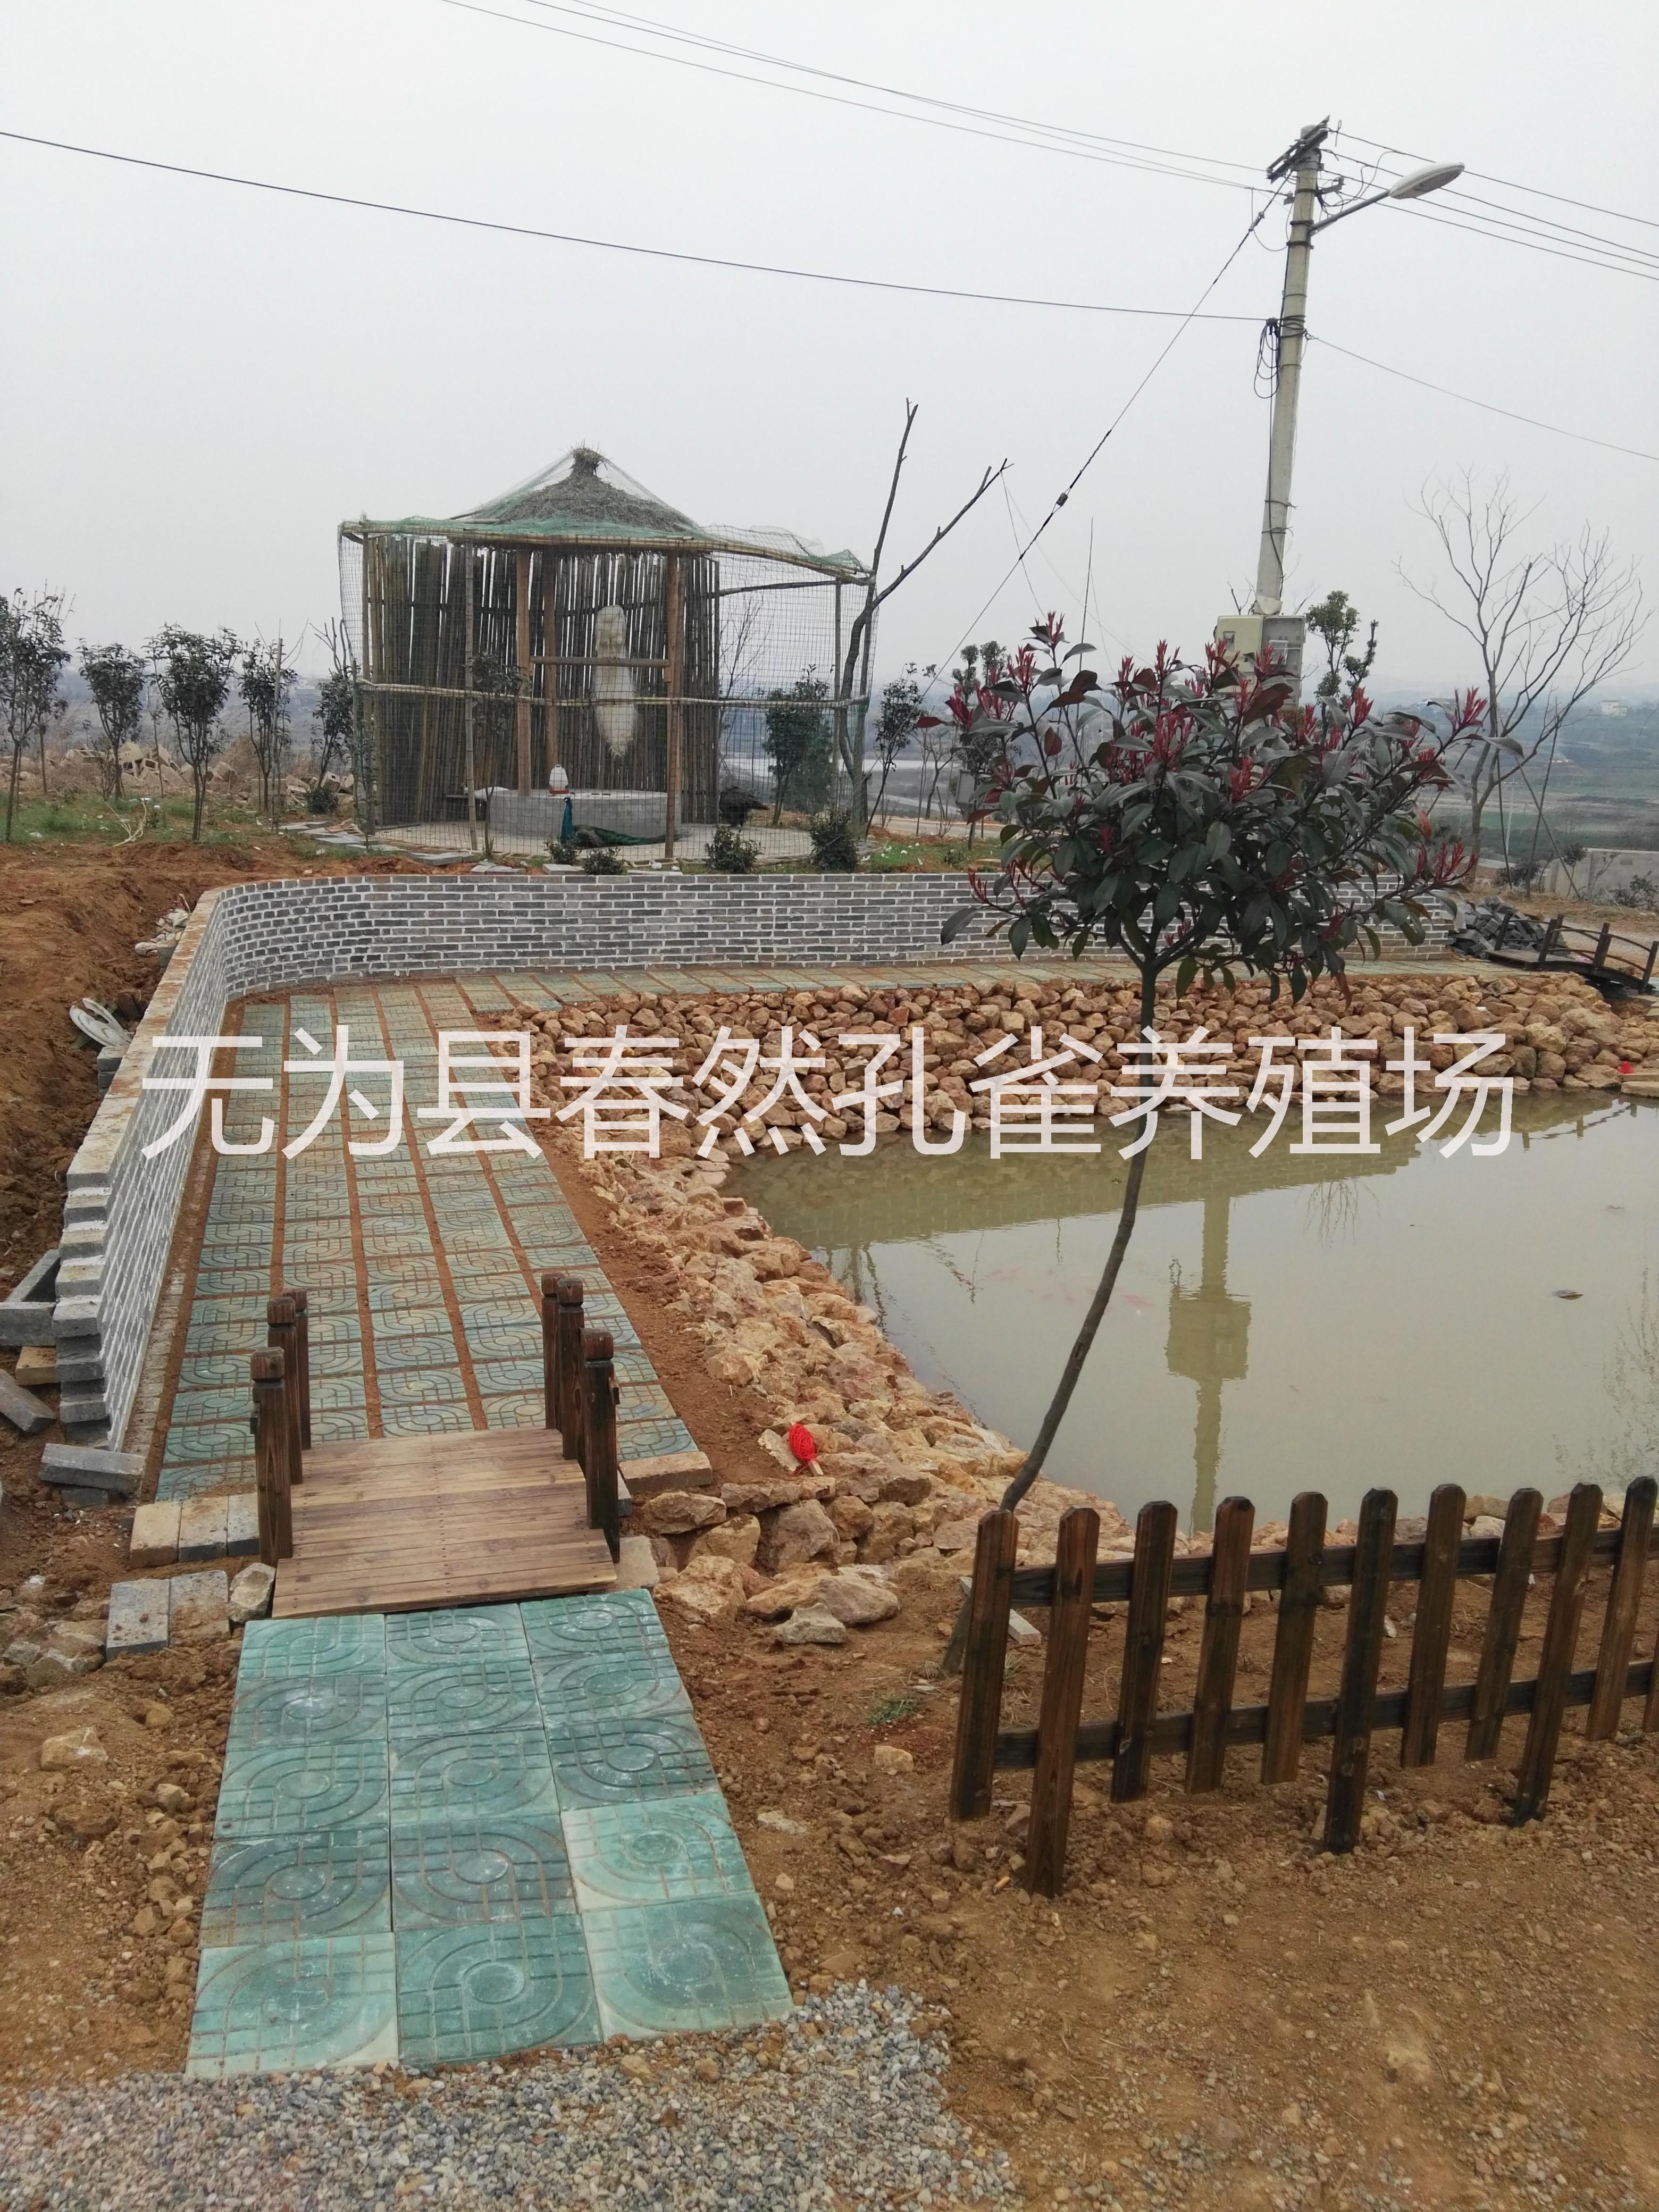 供应蓝孔雀,白孔雀,花孔雀安徽省浩然孔雀养殖有限公司